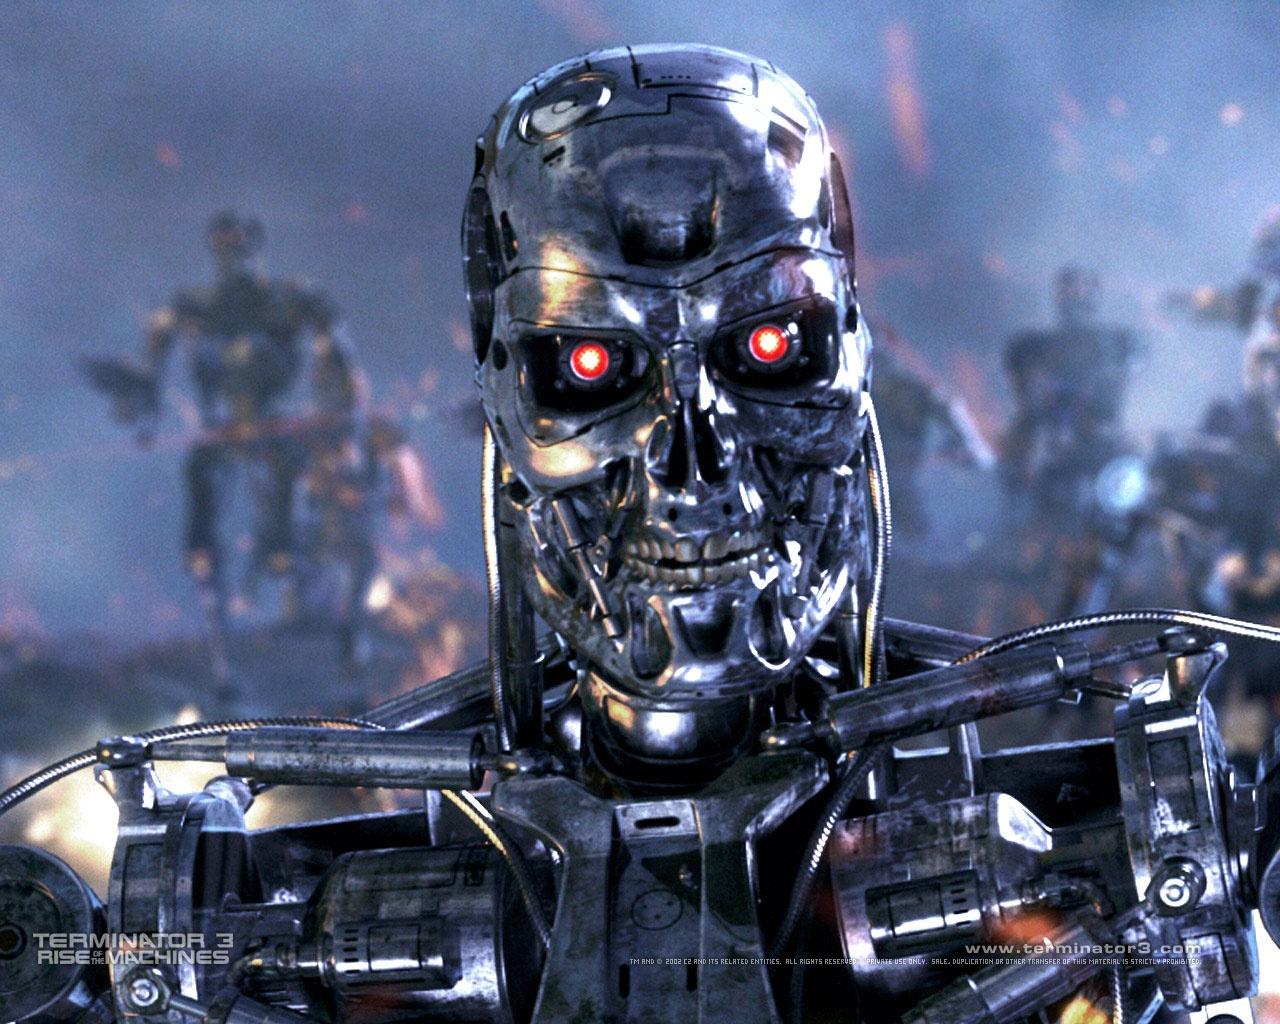 [MOC] Matakanuva : Les robots c'est cool et le steampunk aussi - Page 7 Terminator3t800